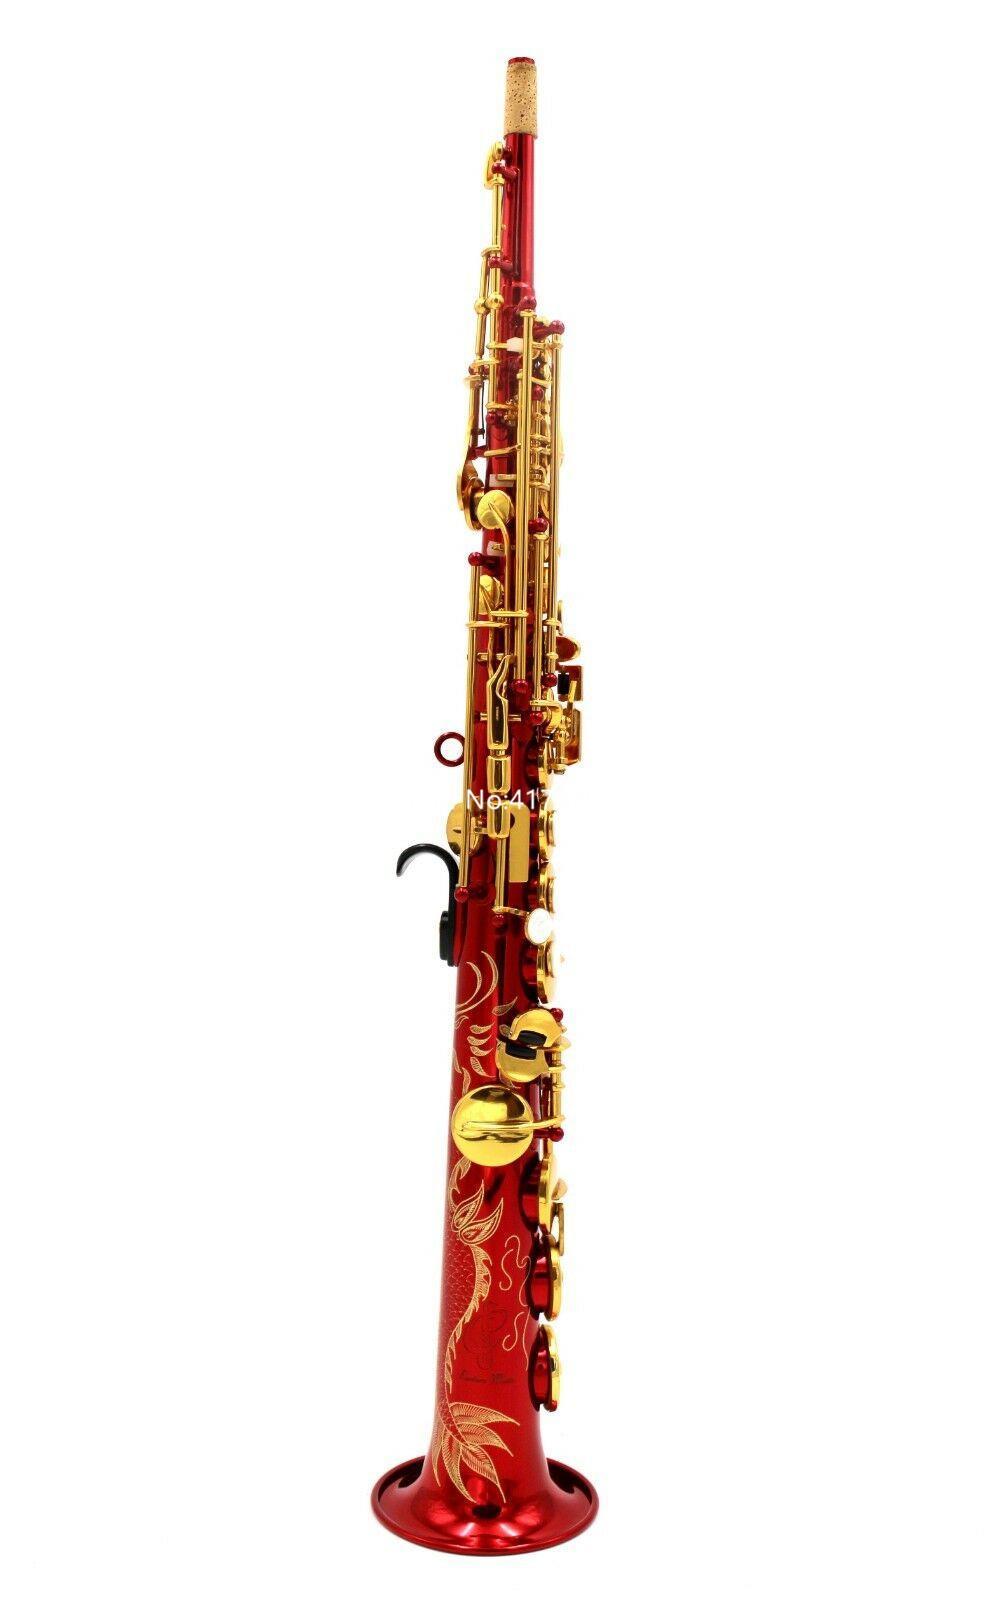 saxophone Hot vente B plat cou de laque rouge construit en type droit Instruments de musique avec accessoires professionnels